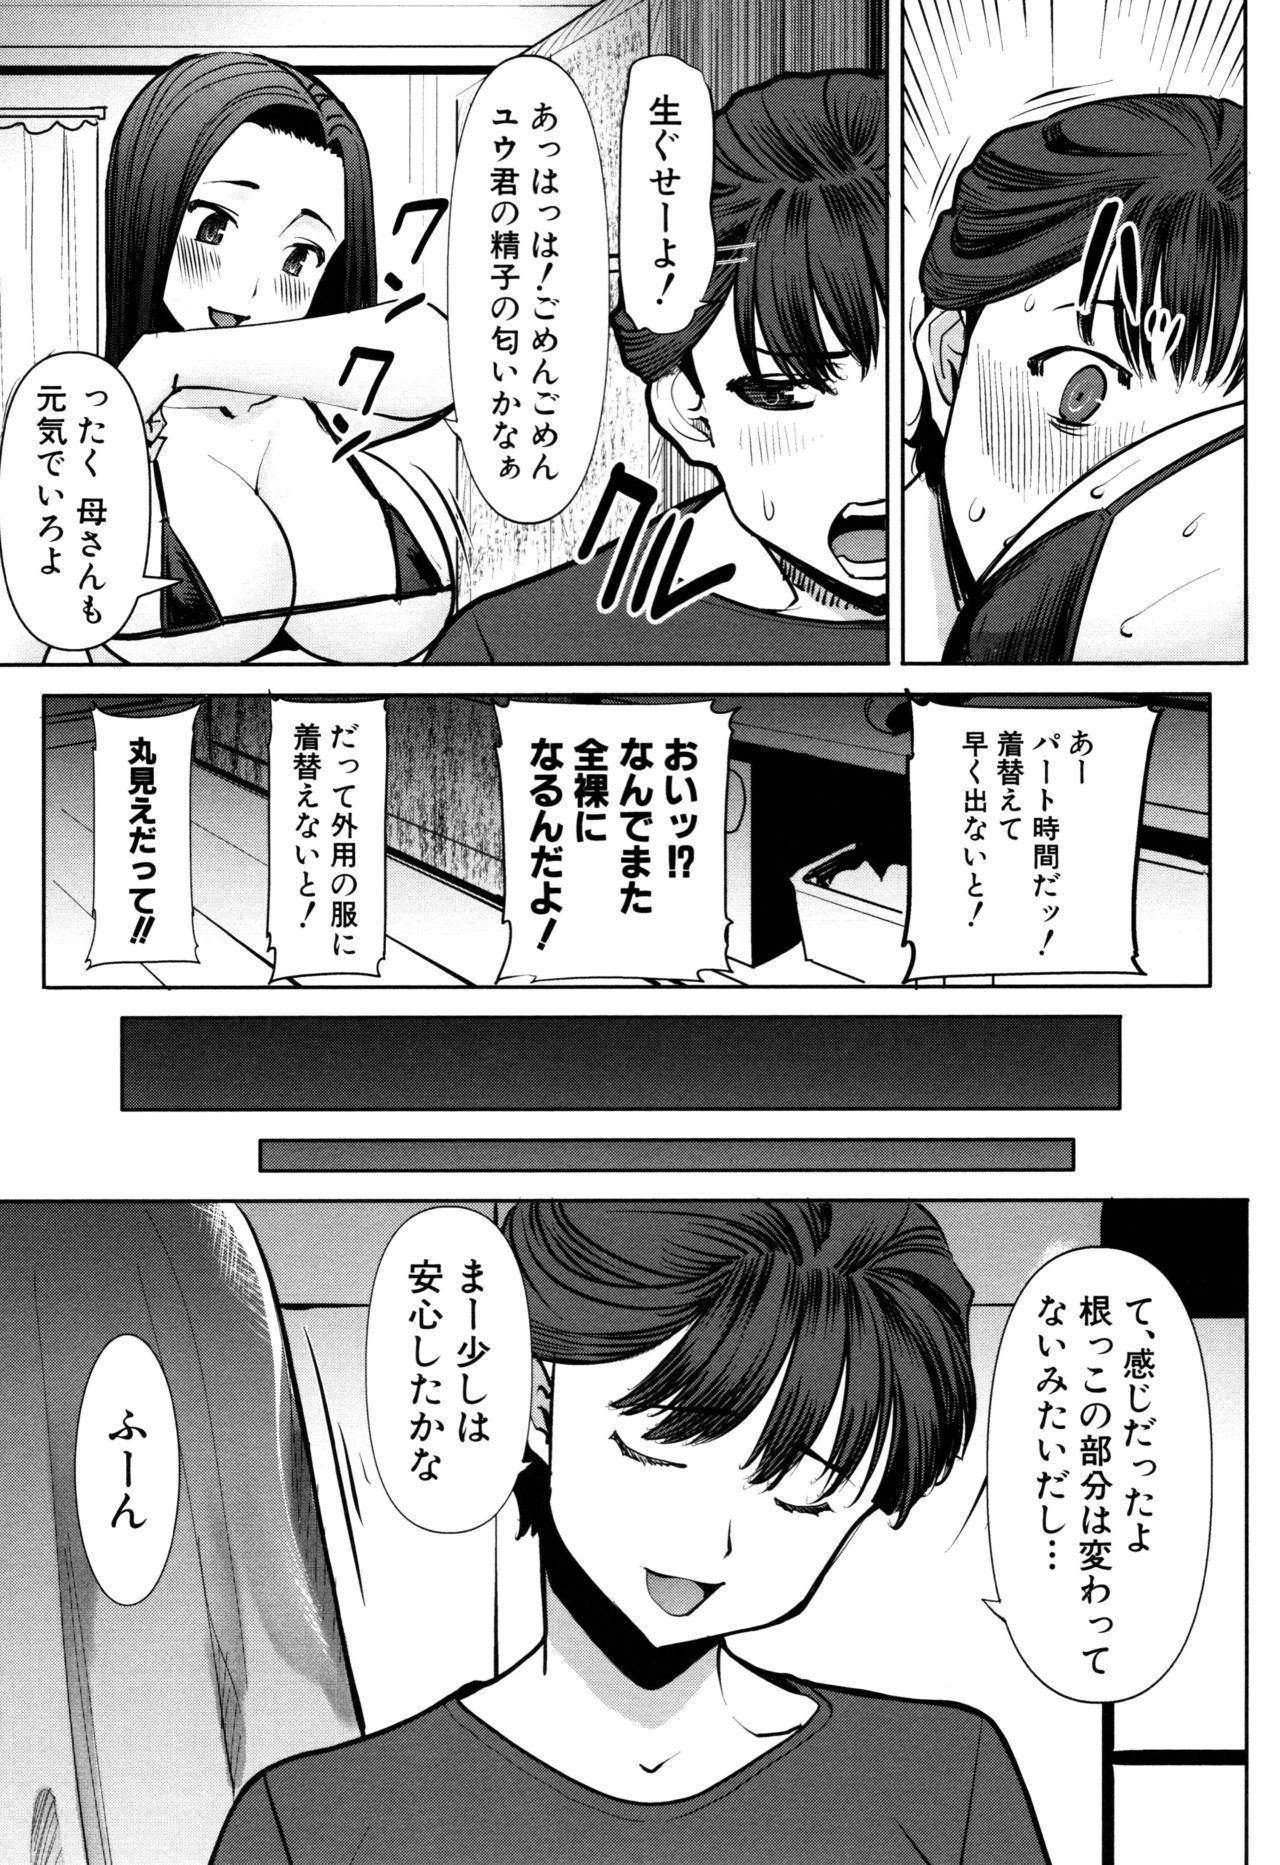 Unsweet - Asahina Ikka Netorareta Haha · Tomoko 176